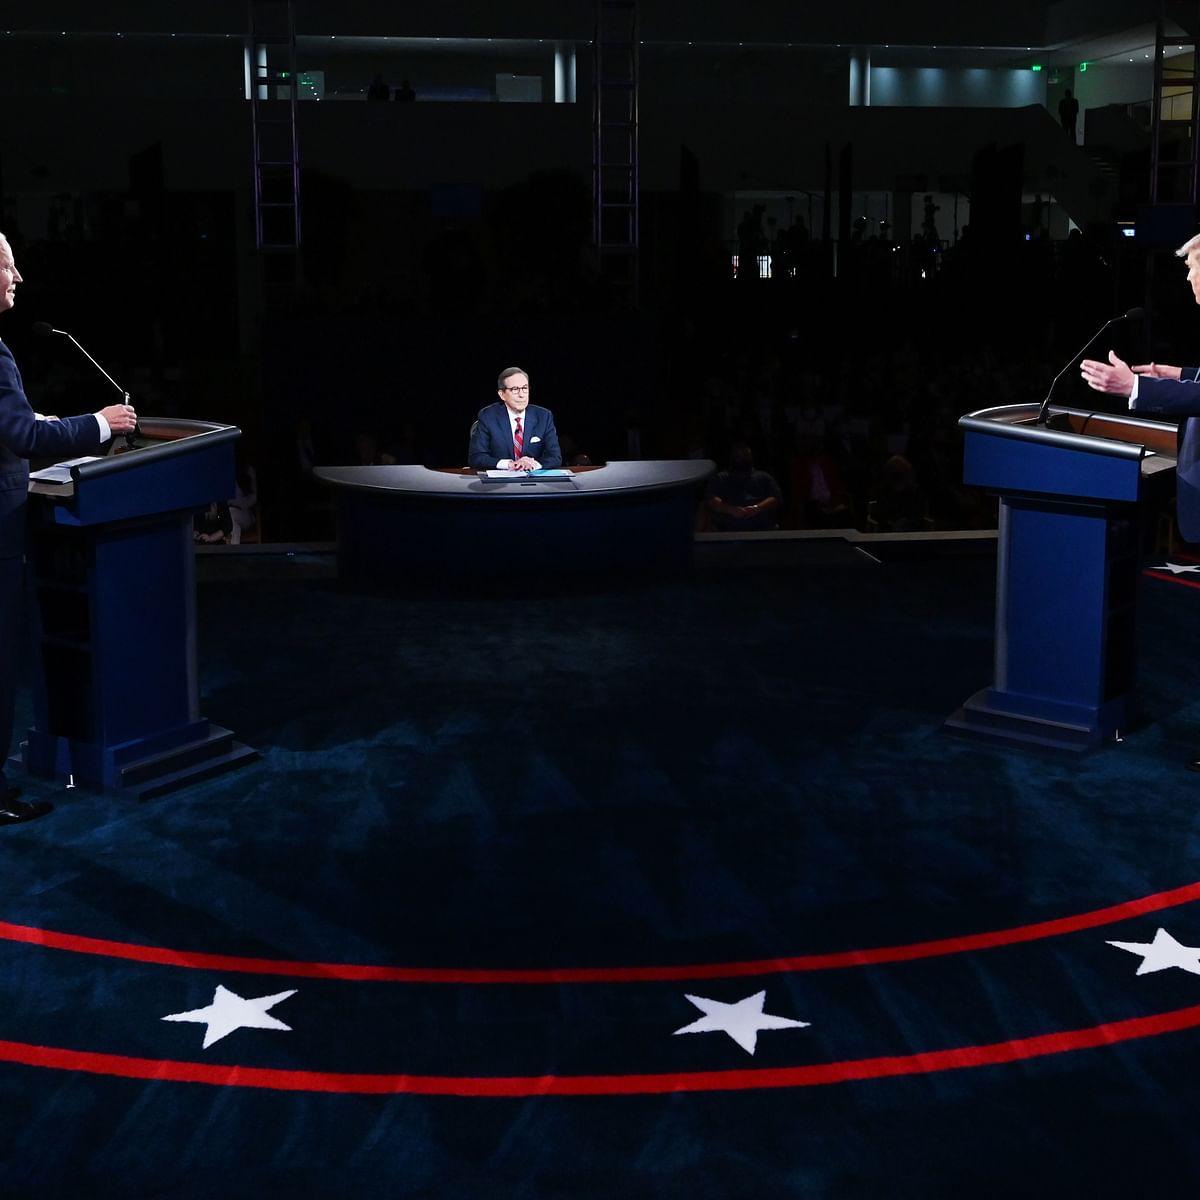 صدارتی بحث کے دوران ڈونلڈ ٹرمپ اور جو بائیڈن / Getty Images